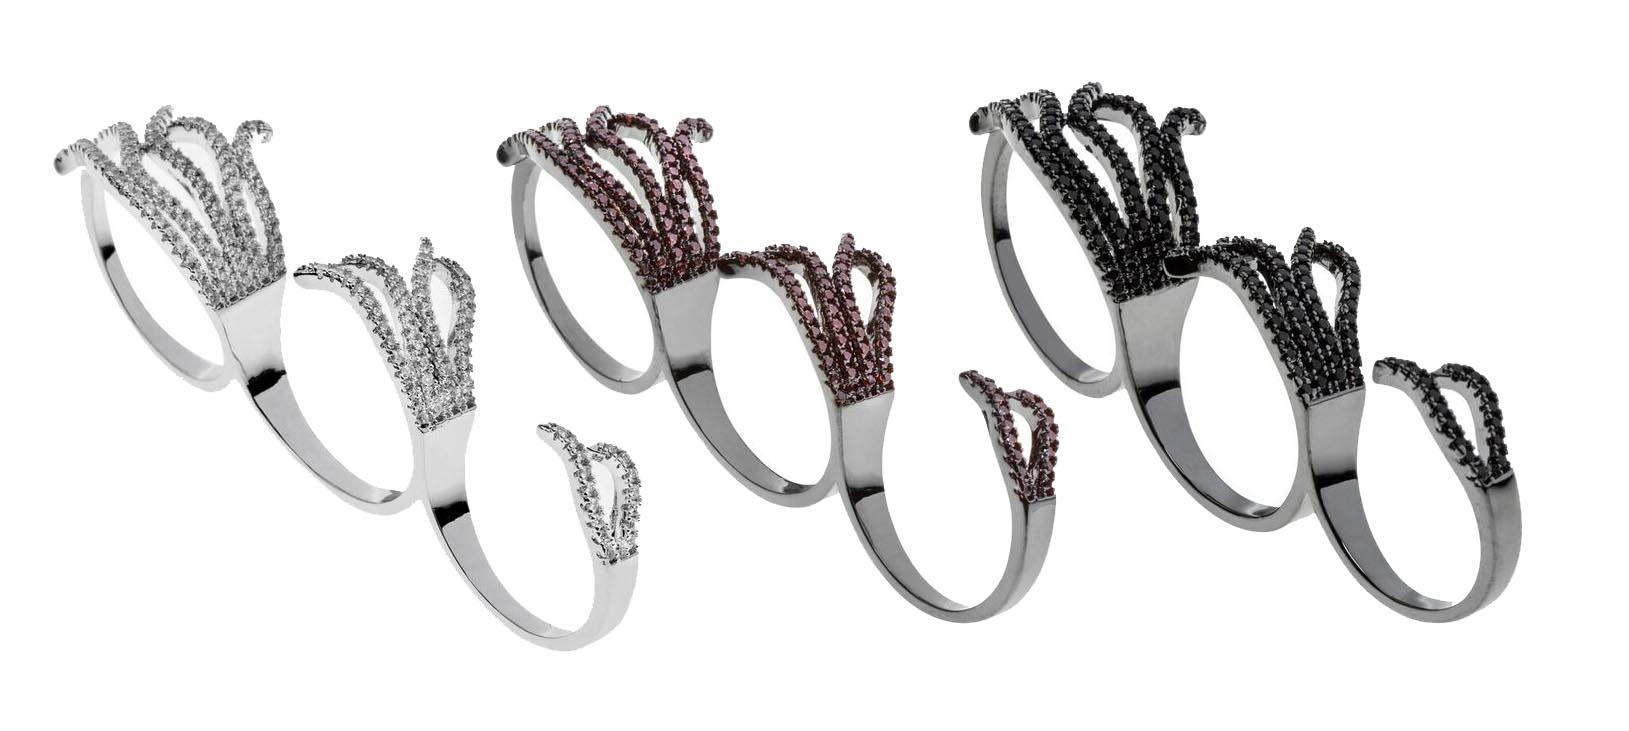 Anel triplo prata e anel triplo rodio negro